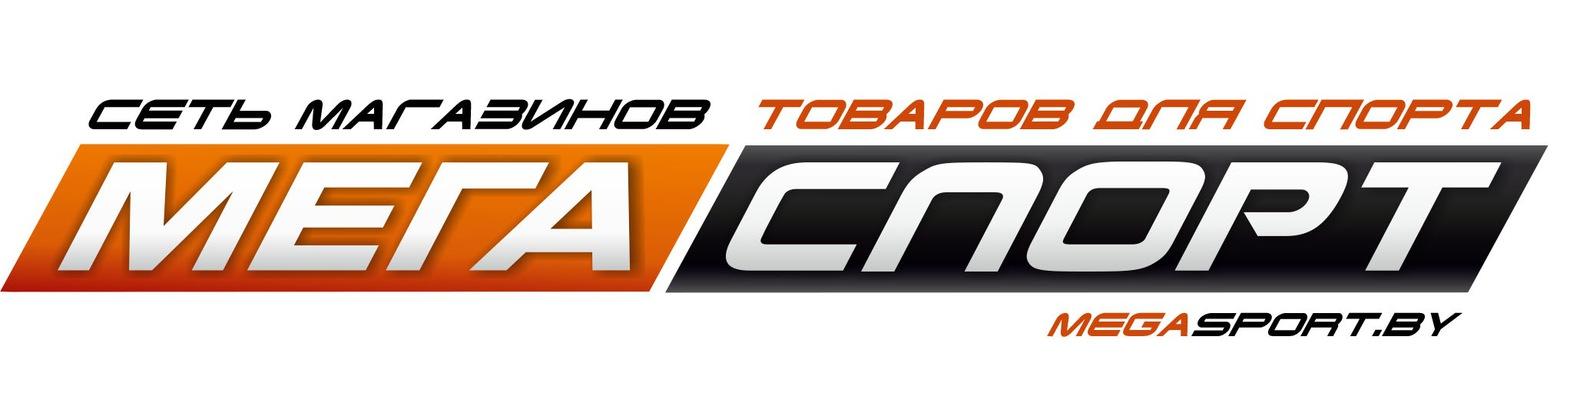 Сеть спортивных магазинов МЕГАСПОРТ   ВКонтакте 583097a207d